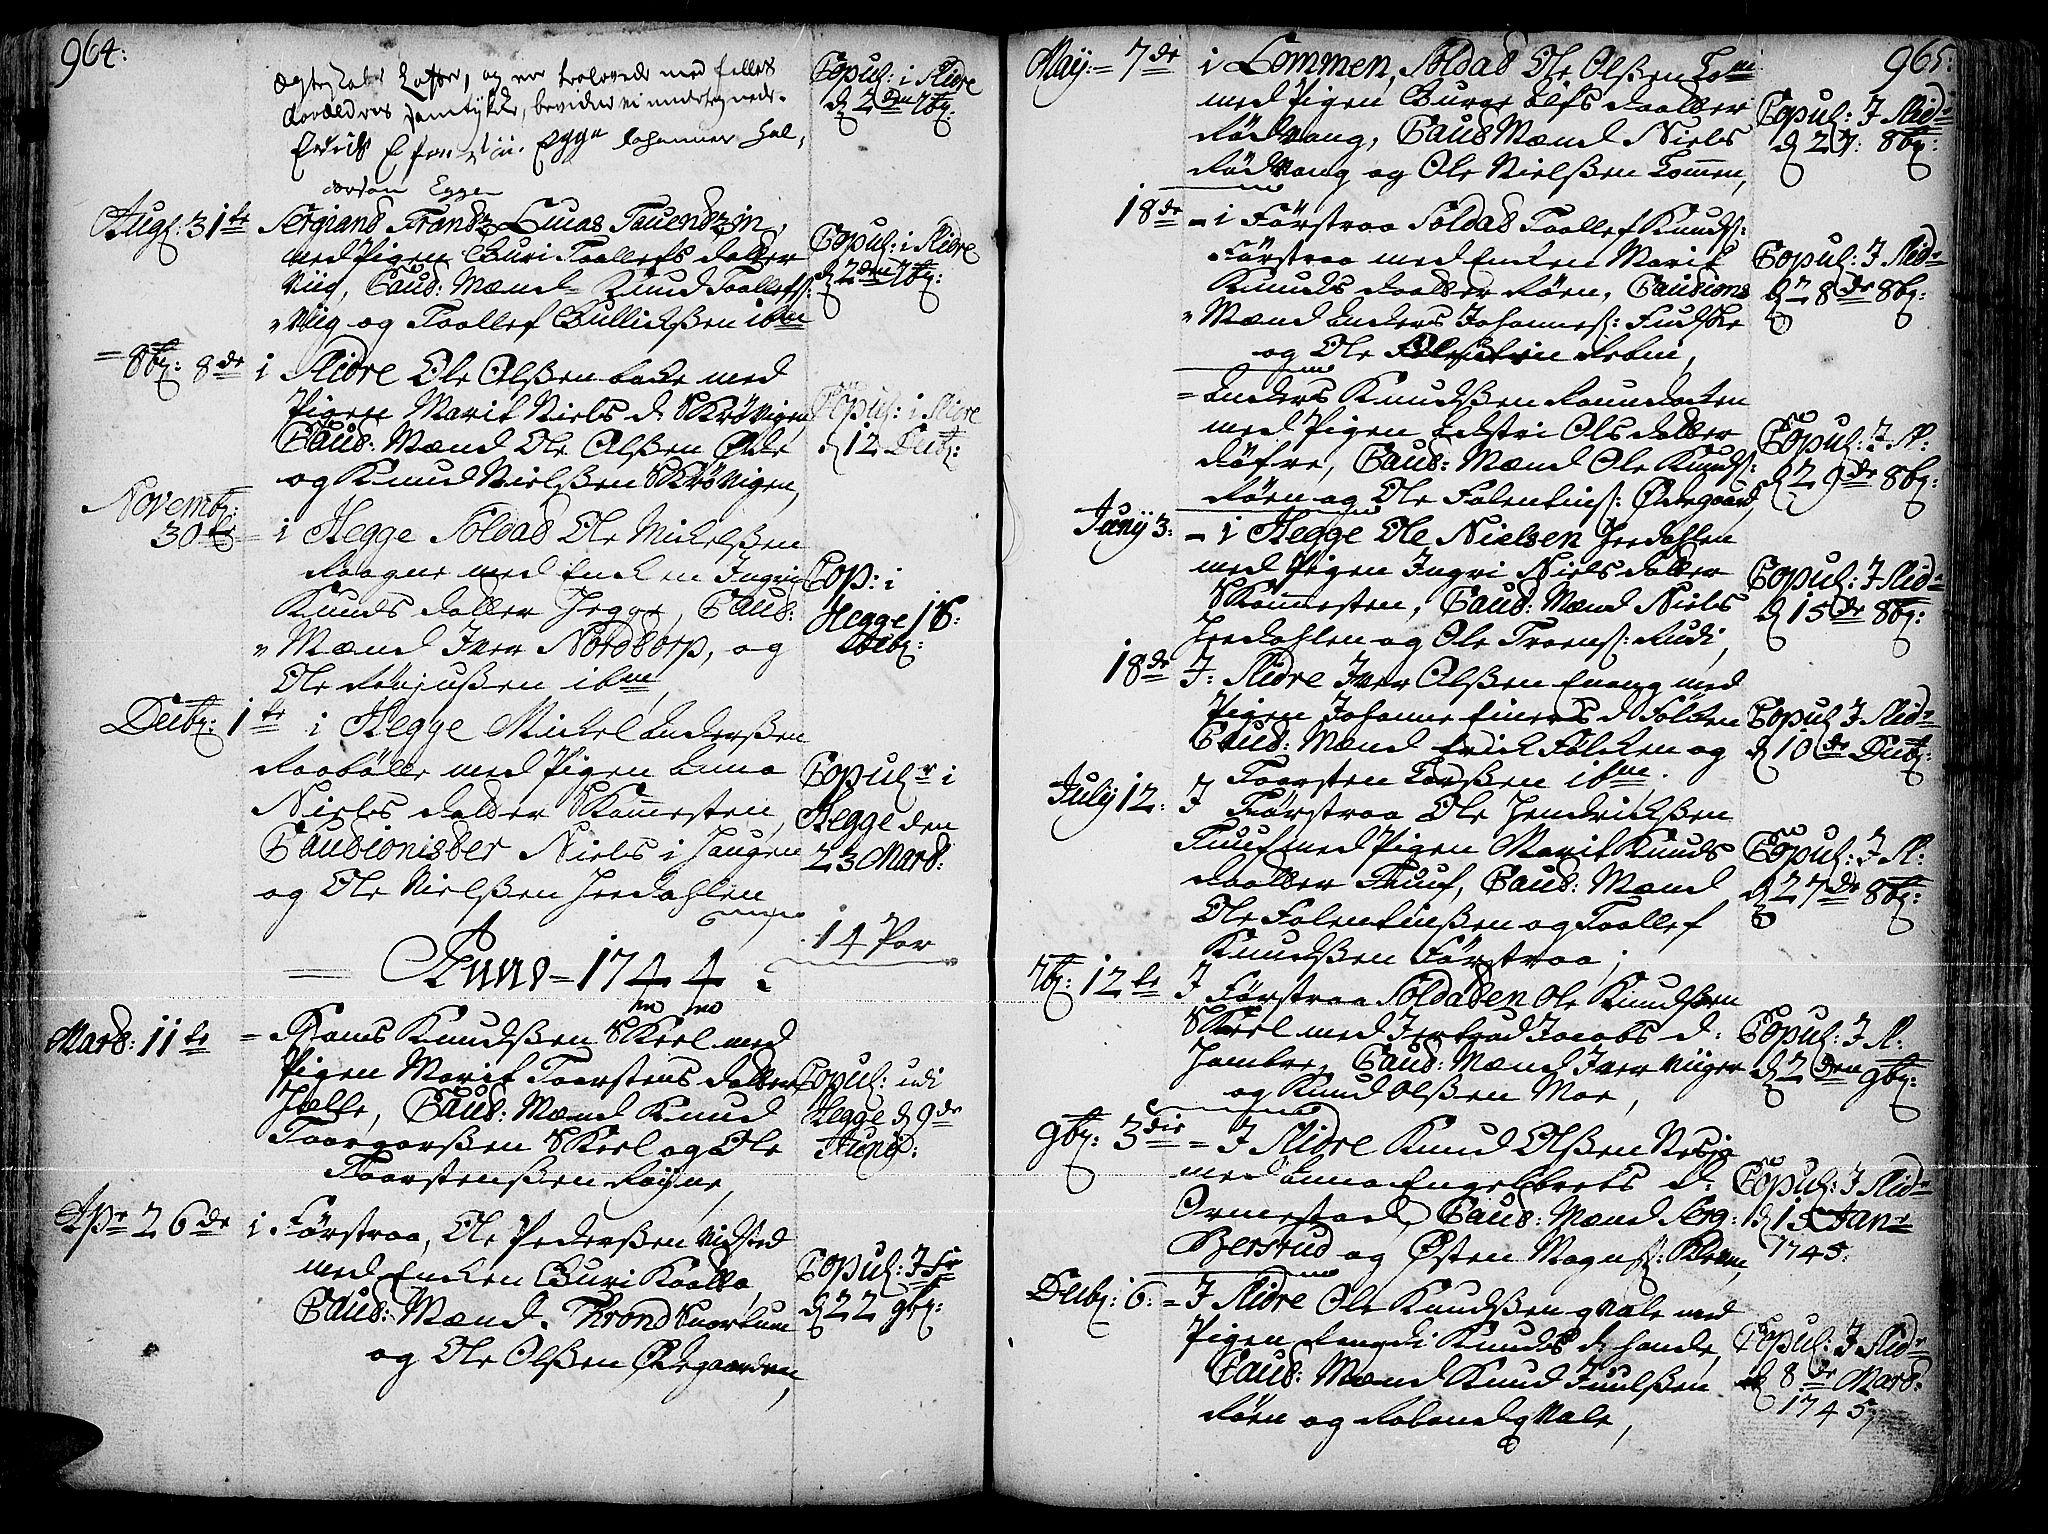 SAH, Slidre prestekontor, Ministerialbok nr. 1, 1724-1814, s. 964-965